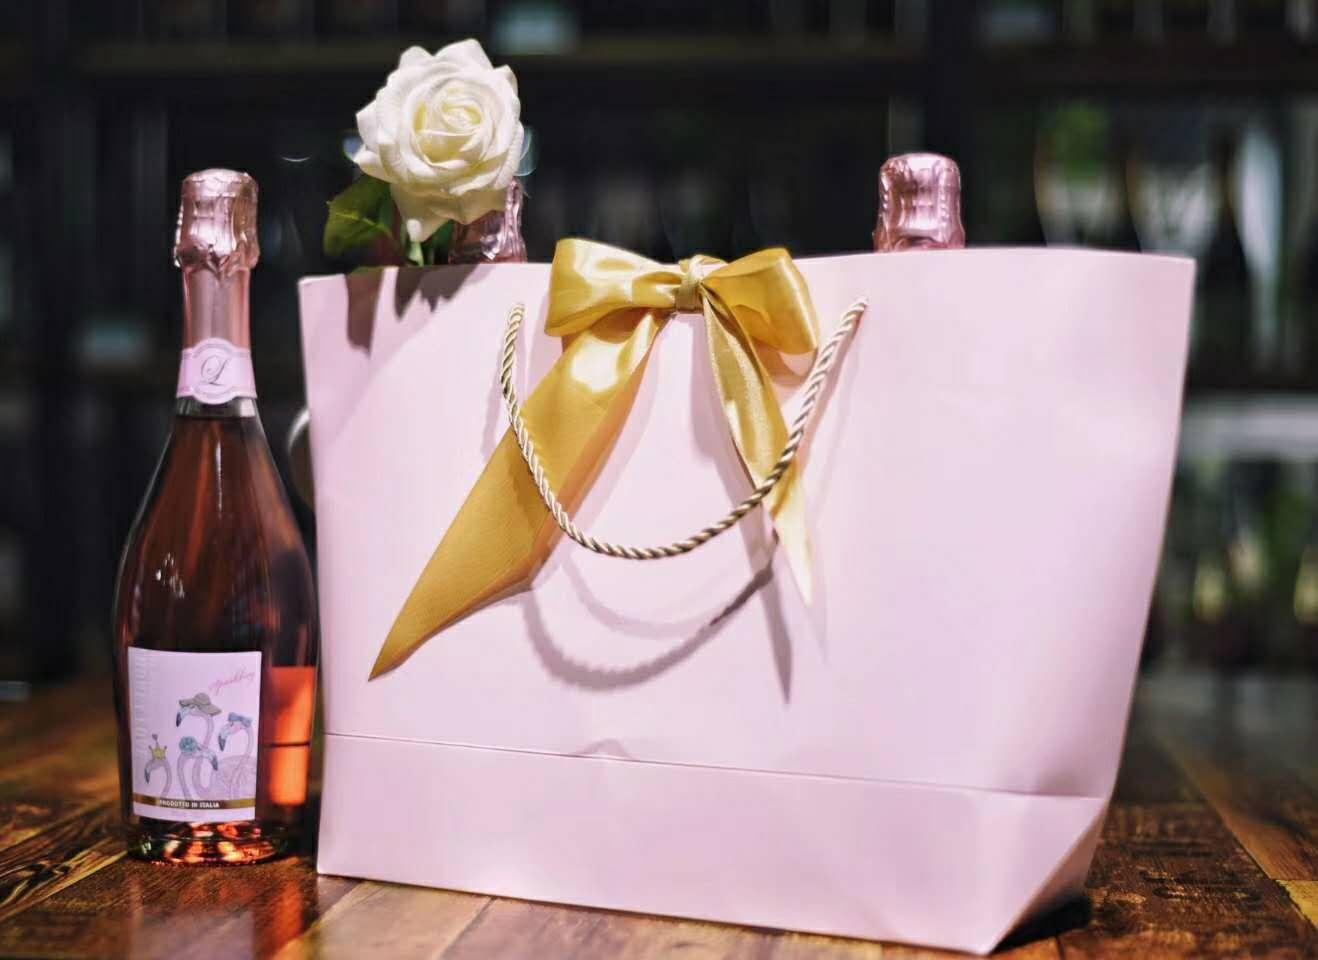 Оптовая продажа, Bodegas, свежий вкус, испанские бренды, ликер, виноградный бренди